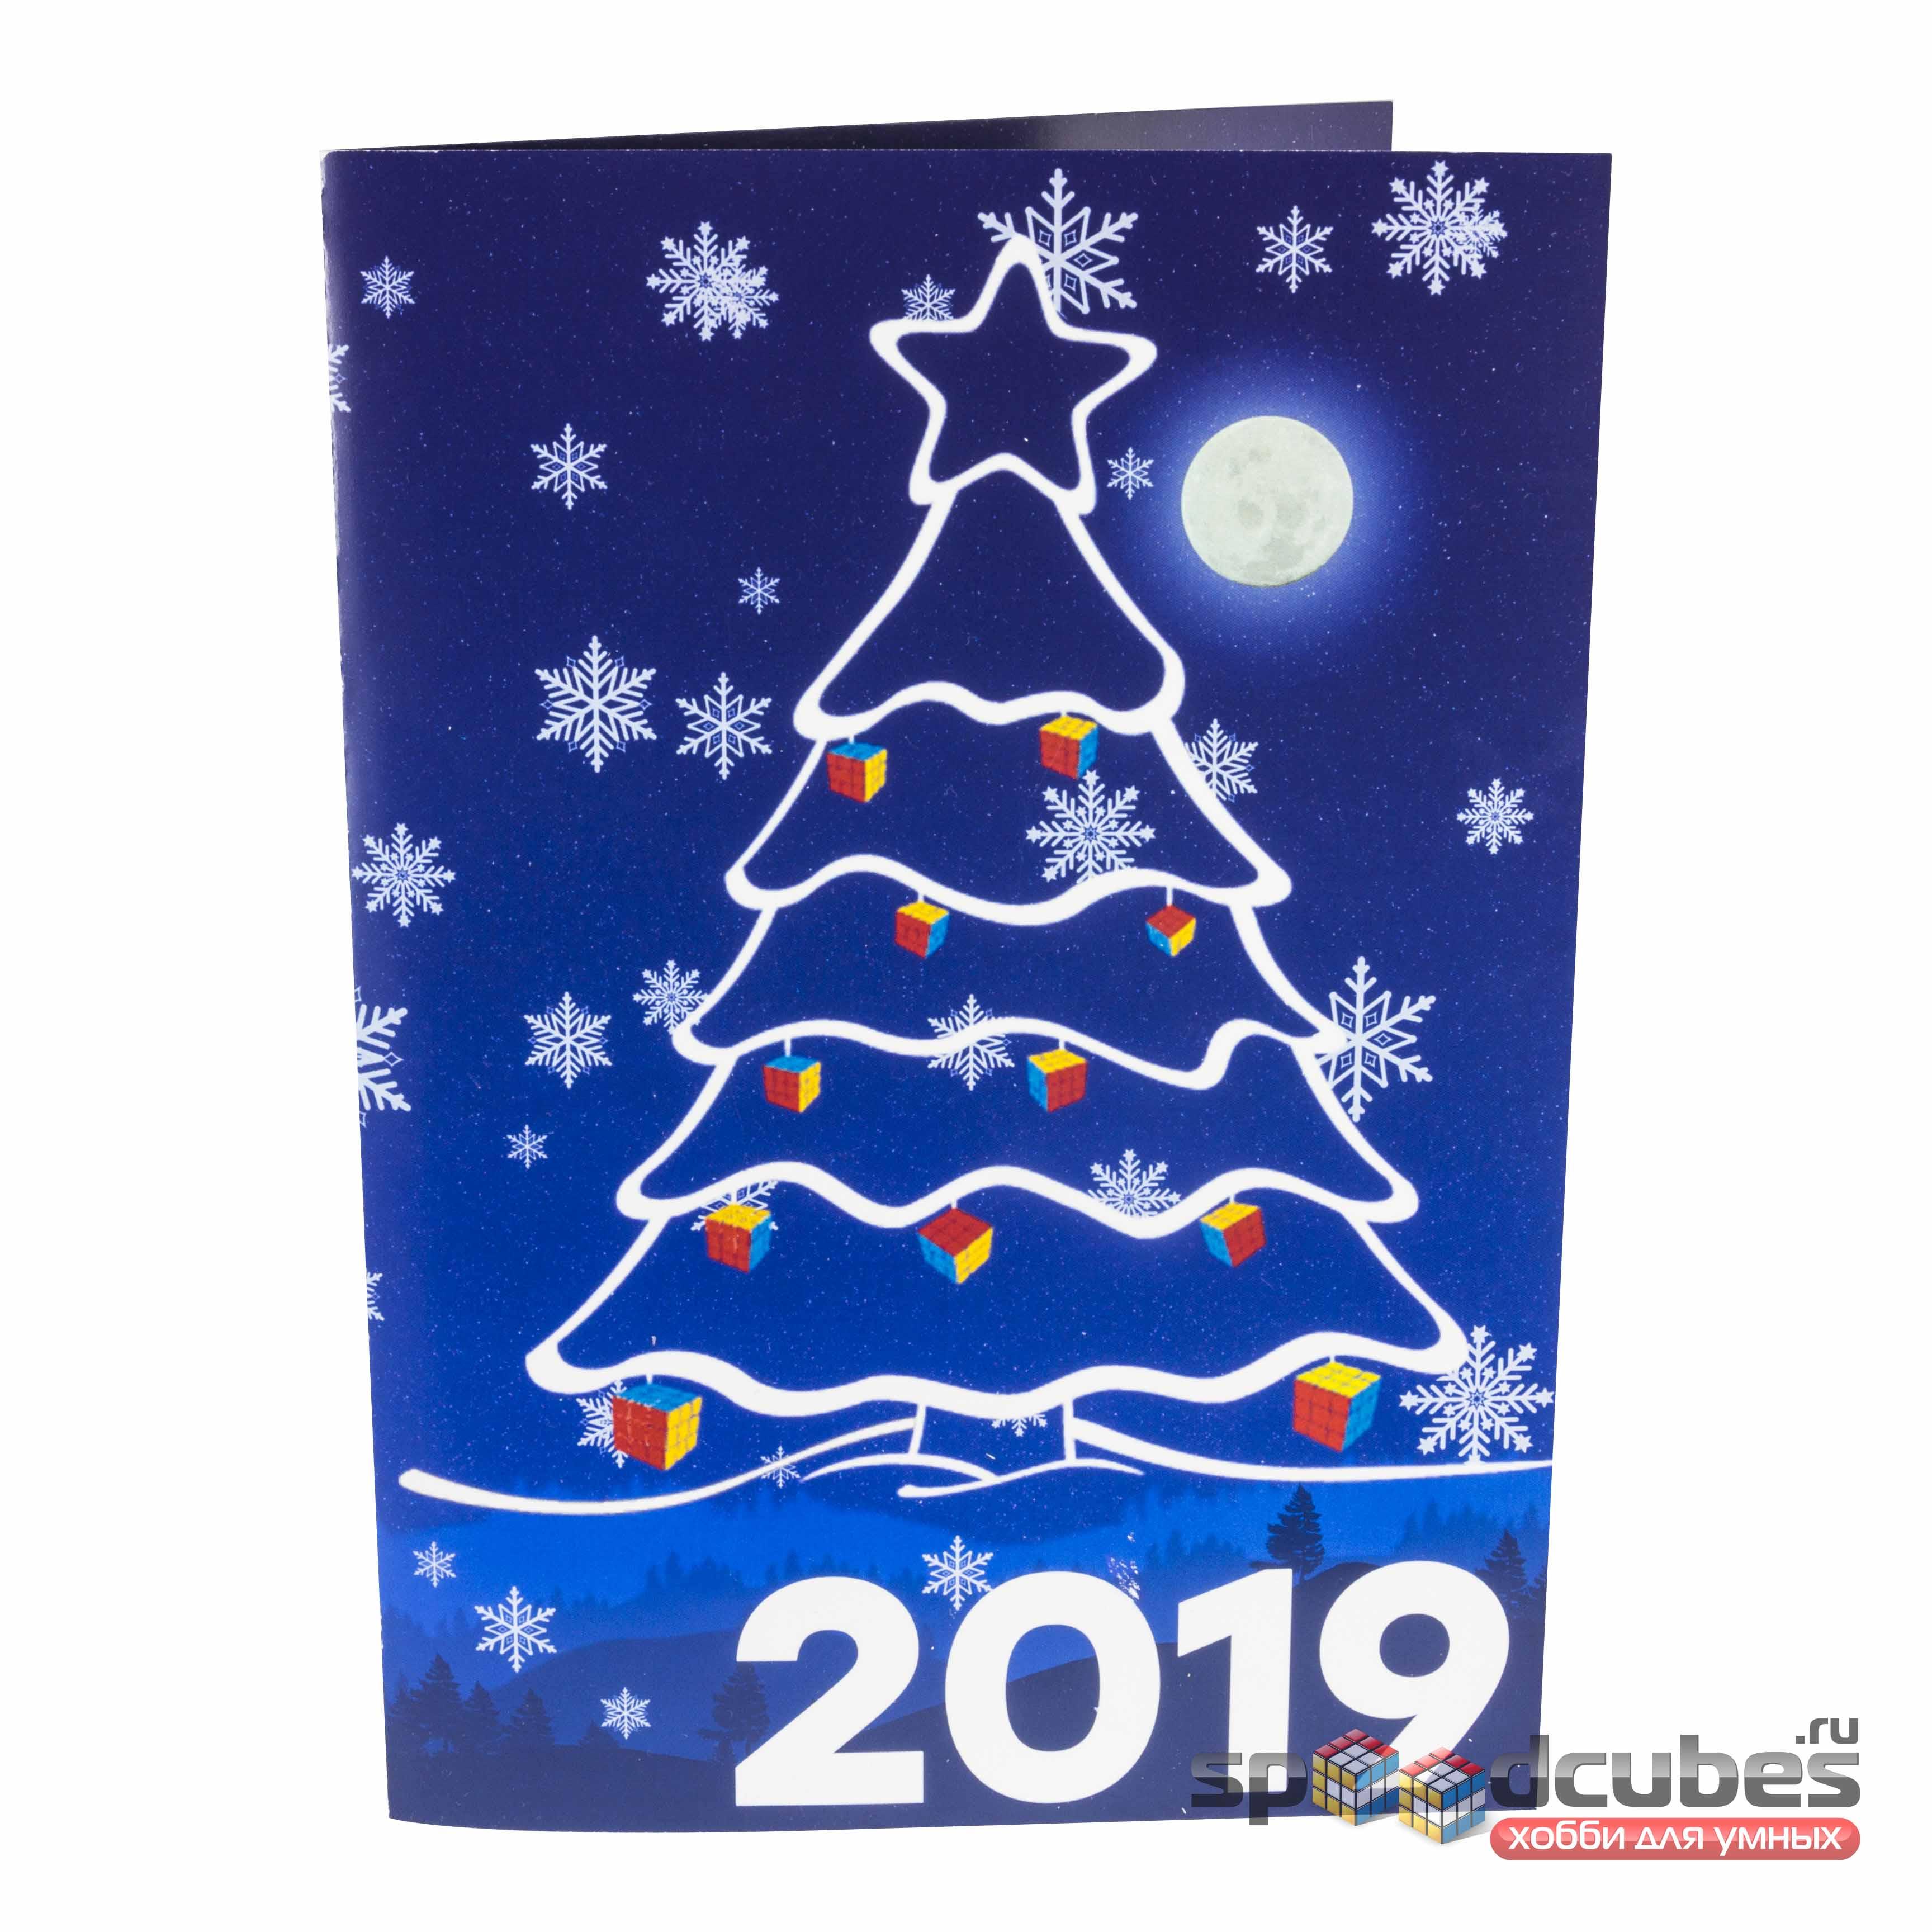 Открытка Новый год 2019 Speedcubes 1